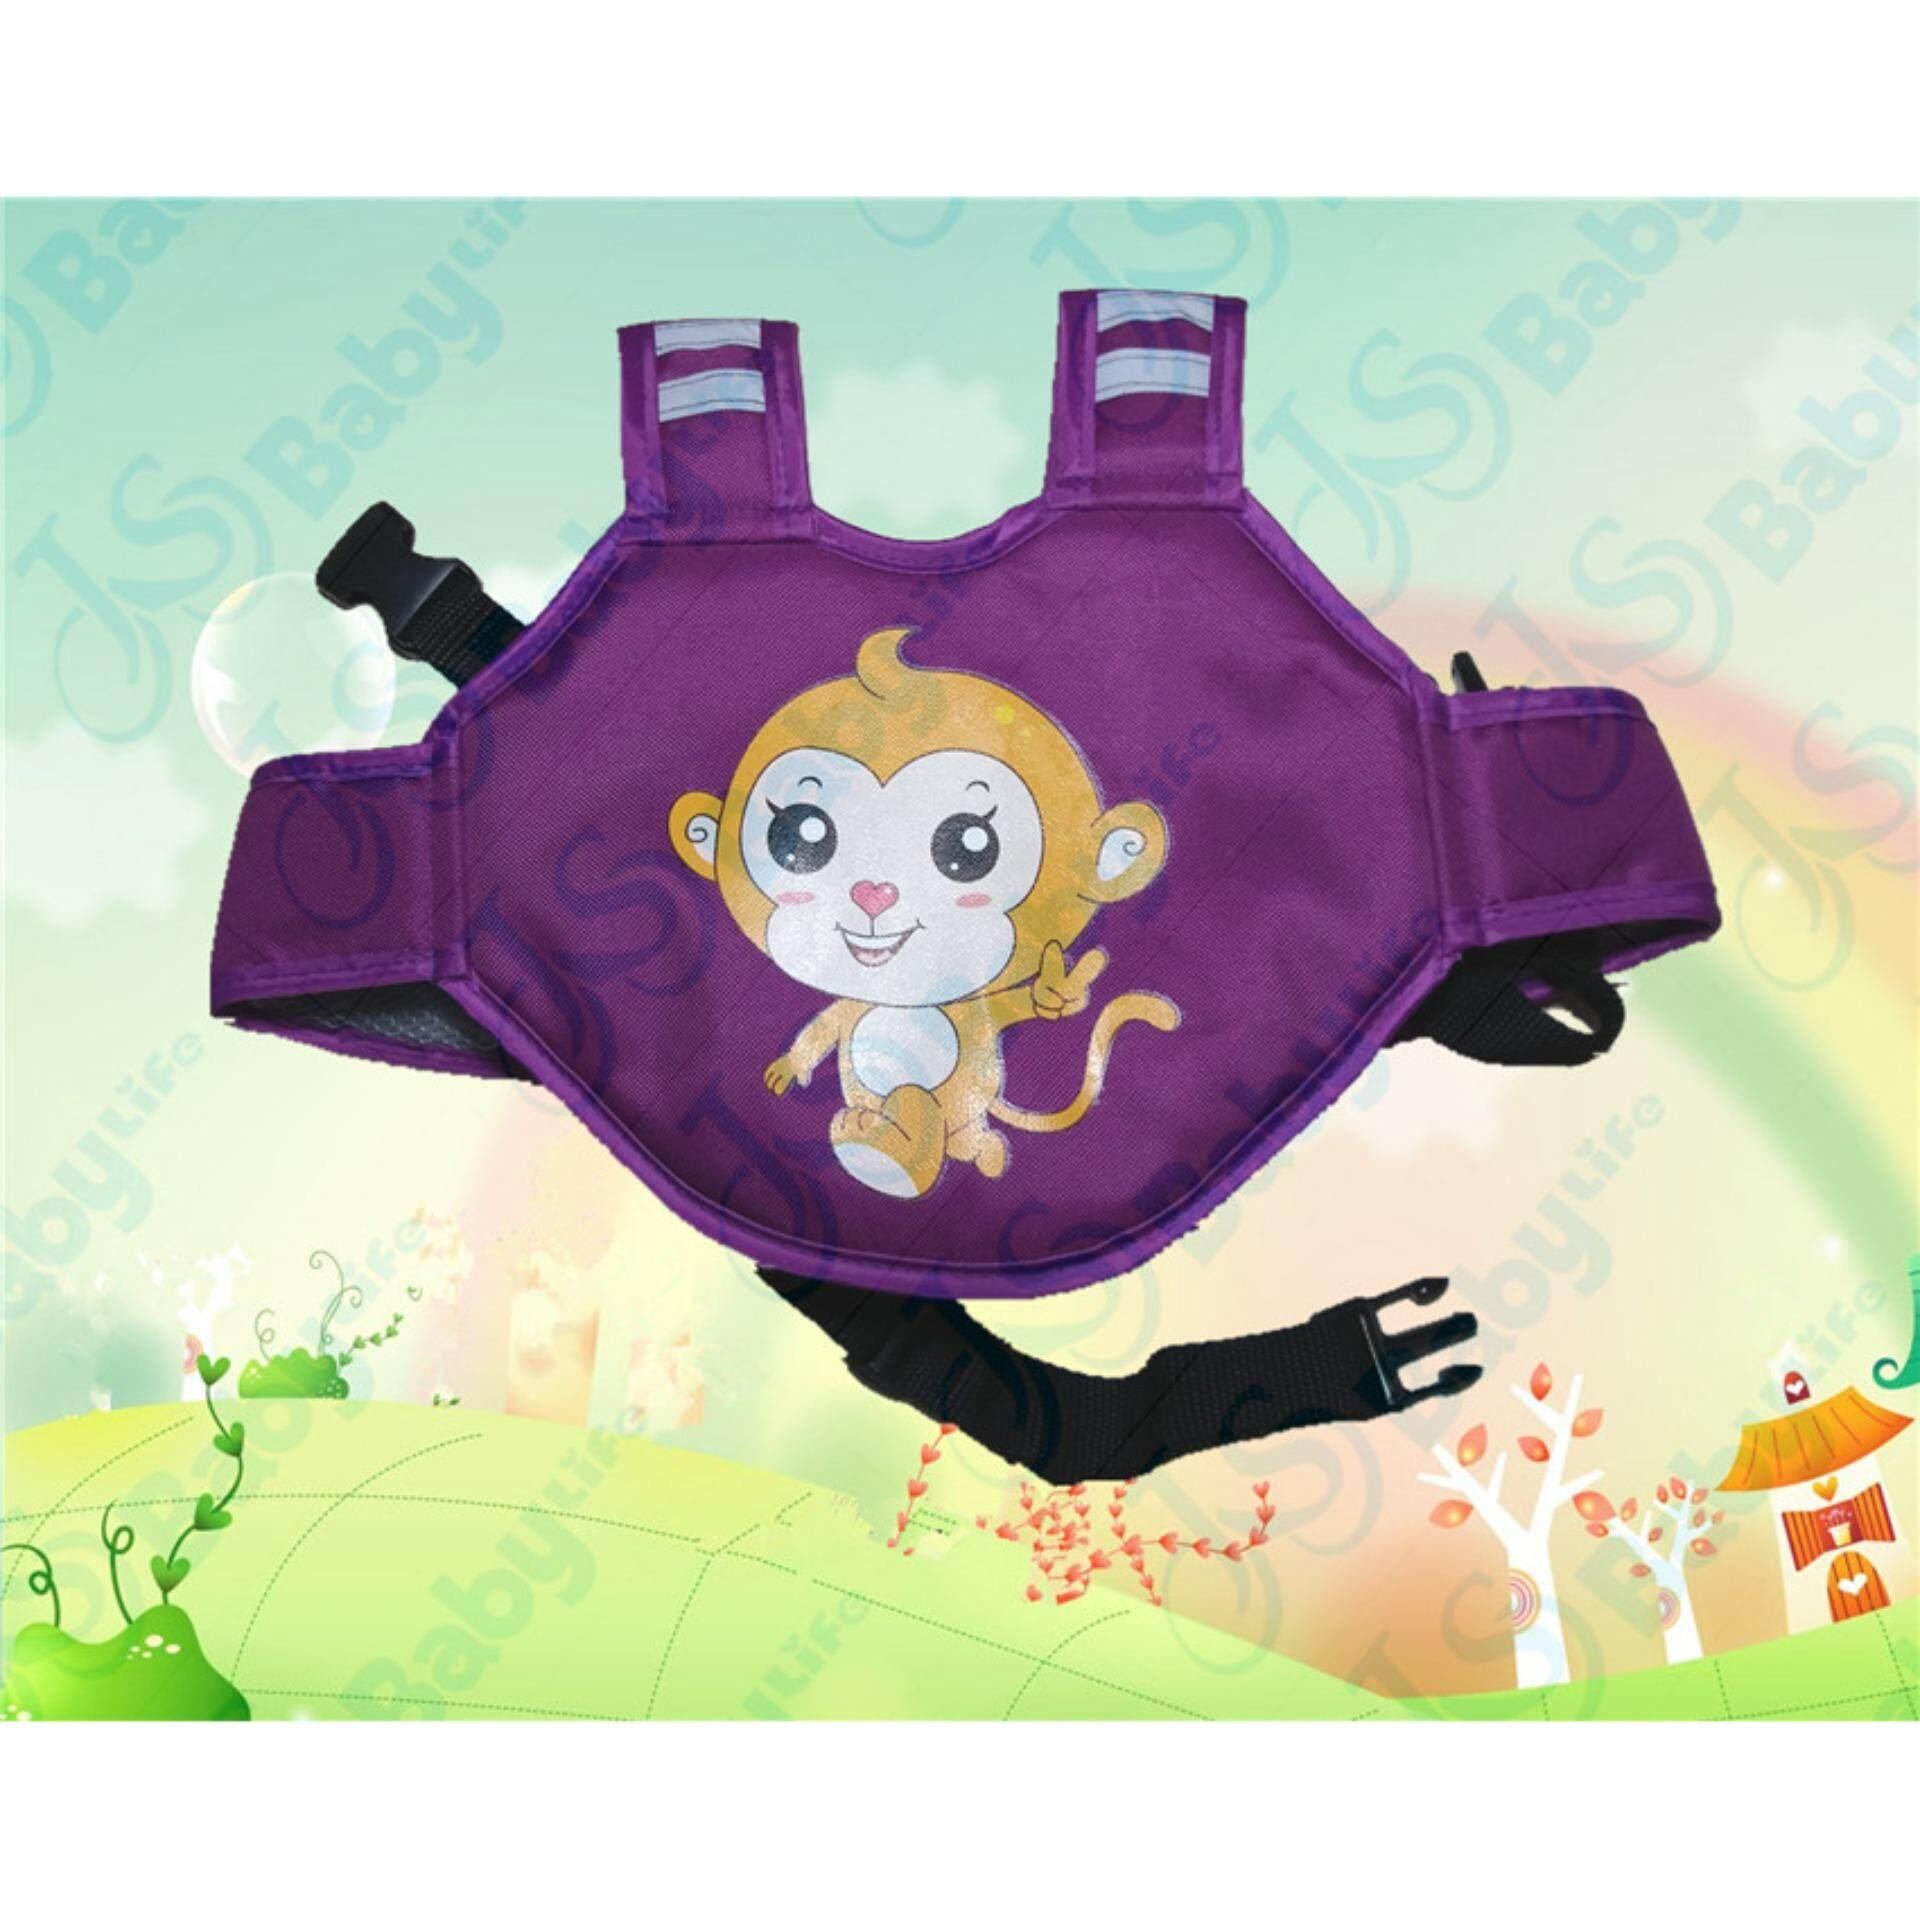 Baby Life สายรัดนิรภัยกันเด็กตกรถมอเตอร์ไซต์ สำหรับเด็กอายุ 3 - 10 ปี แบบกระเป๋าเป้สะพายหลัง สำหรับขับขี่มอเตอร์ไซต์ รุ่น:D1 ขายดีที่สุด